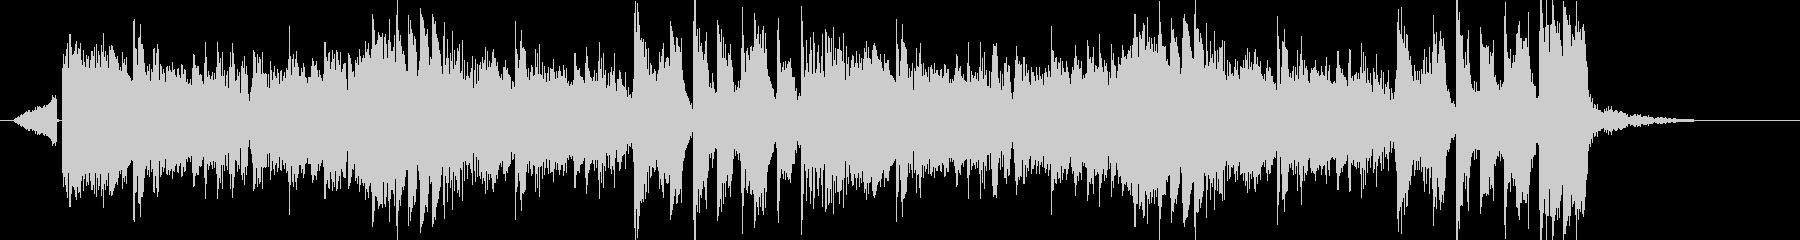 シンセベース電子系リズムのEDMジングルの未再生の波形